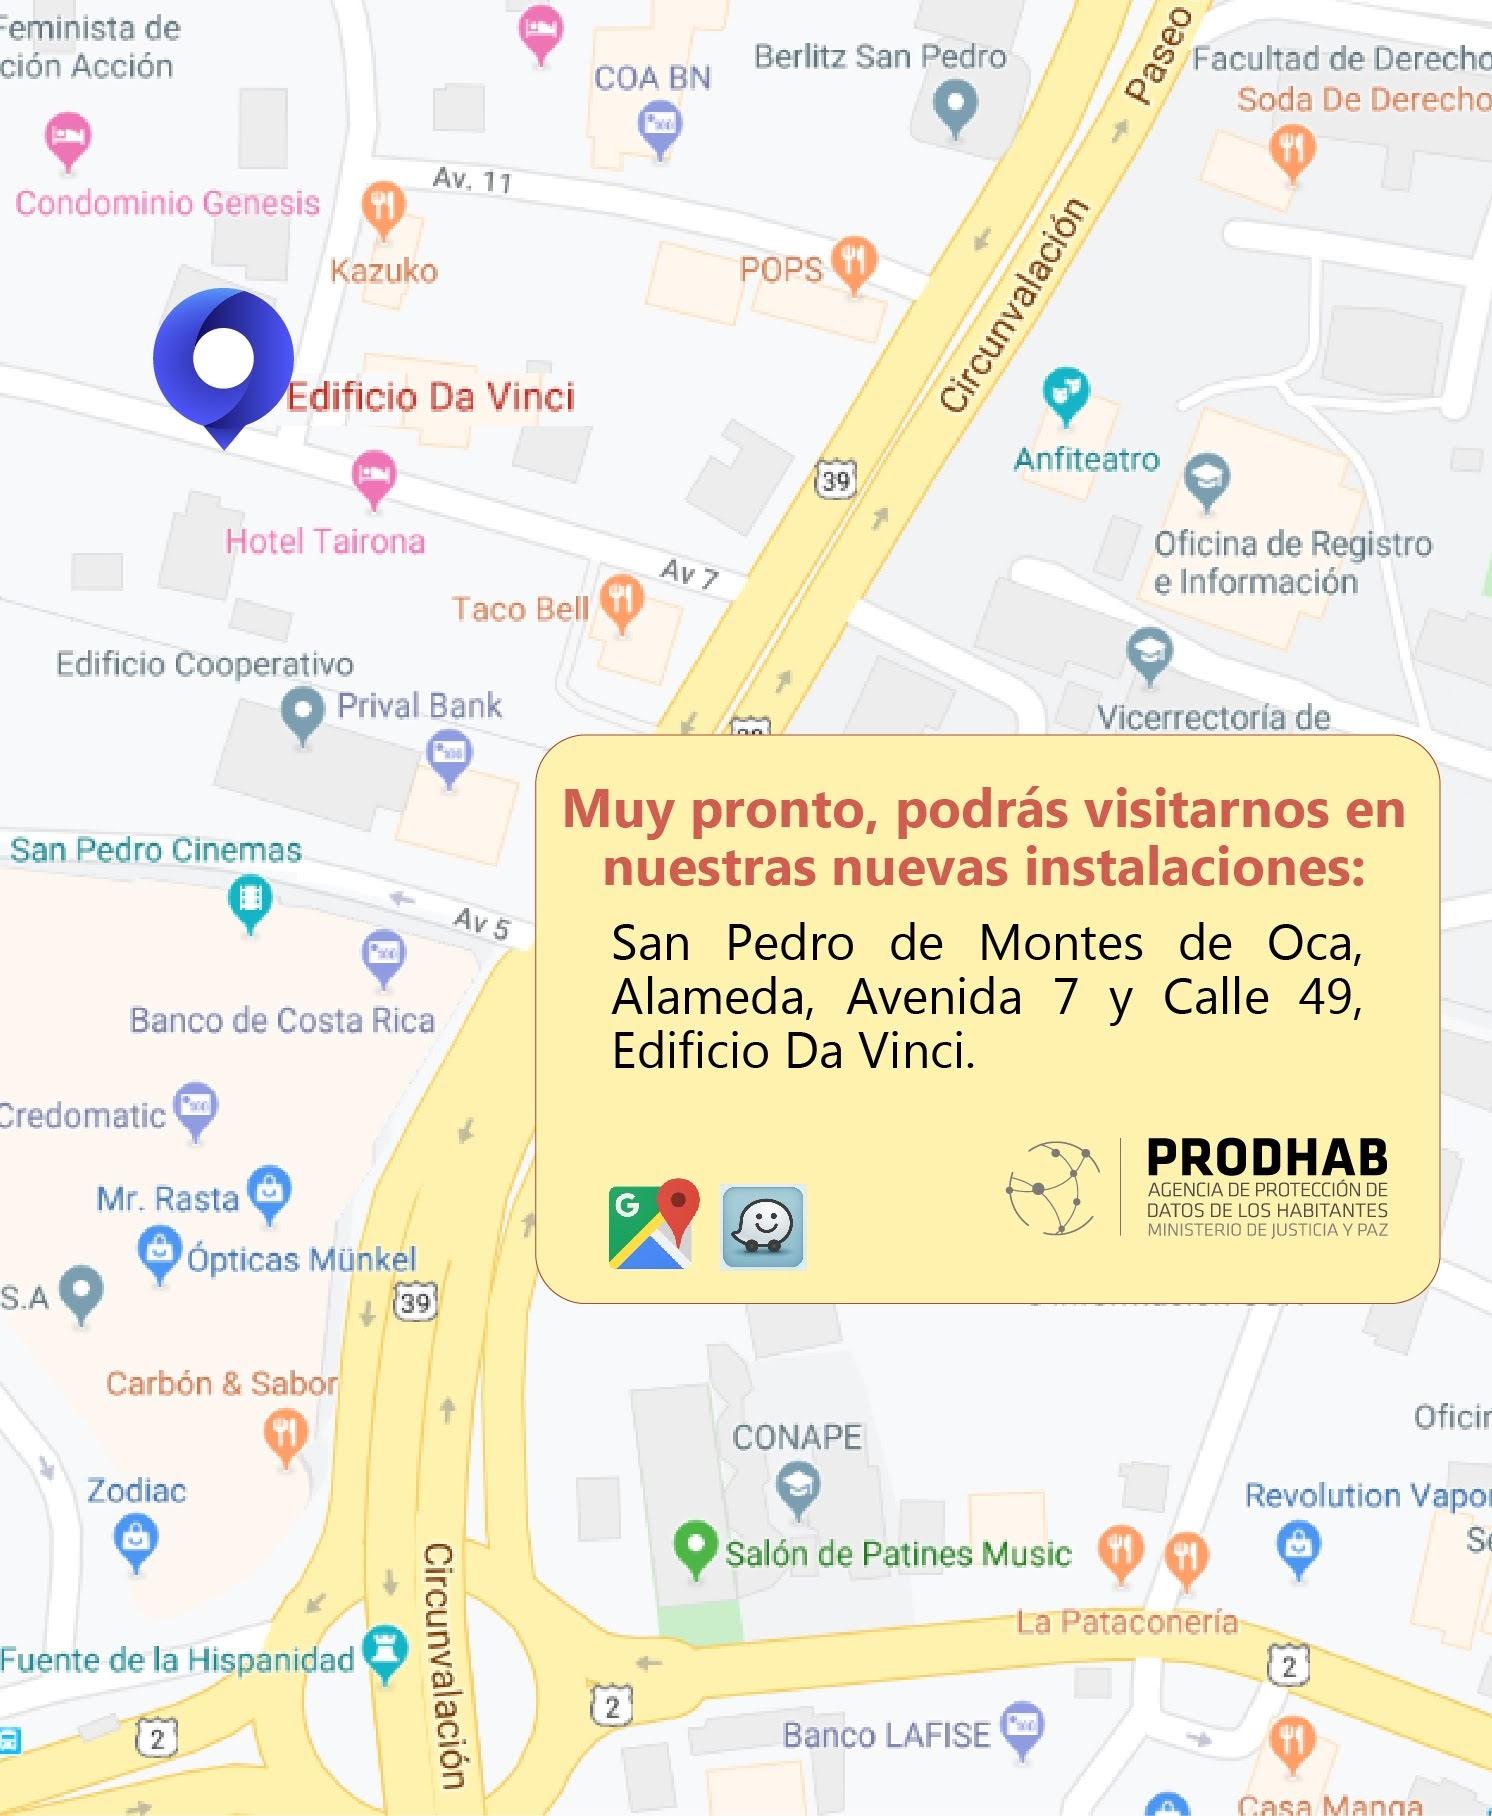 Mapa de nueva ubicación